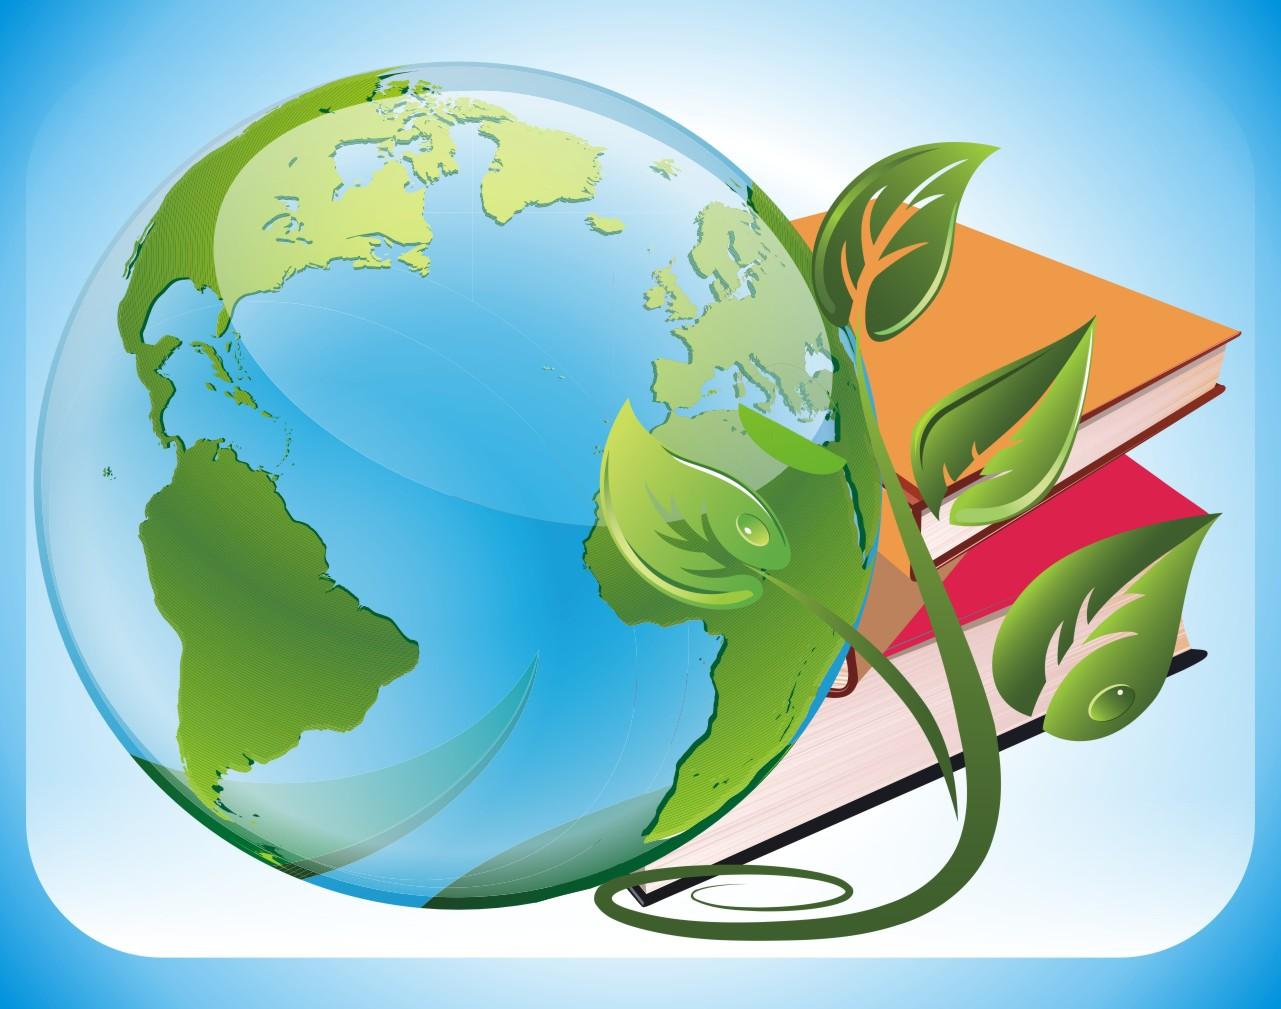 Конкурсы в день экологии